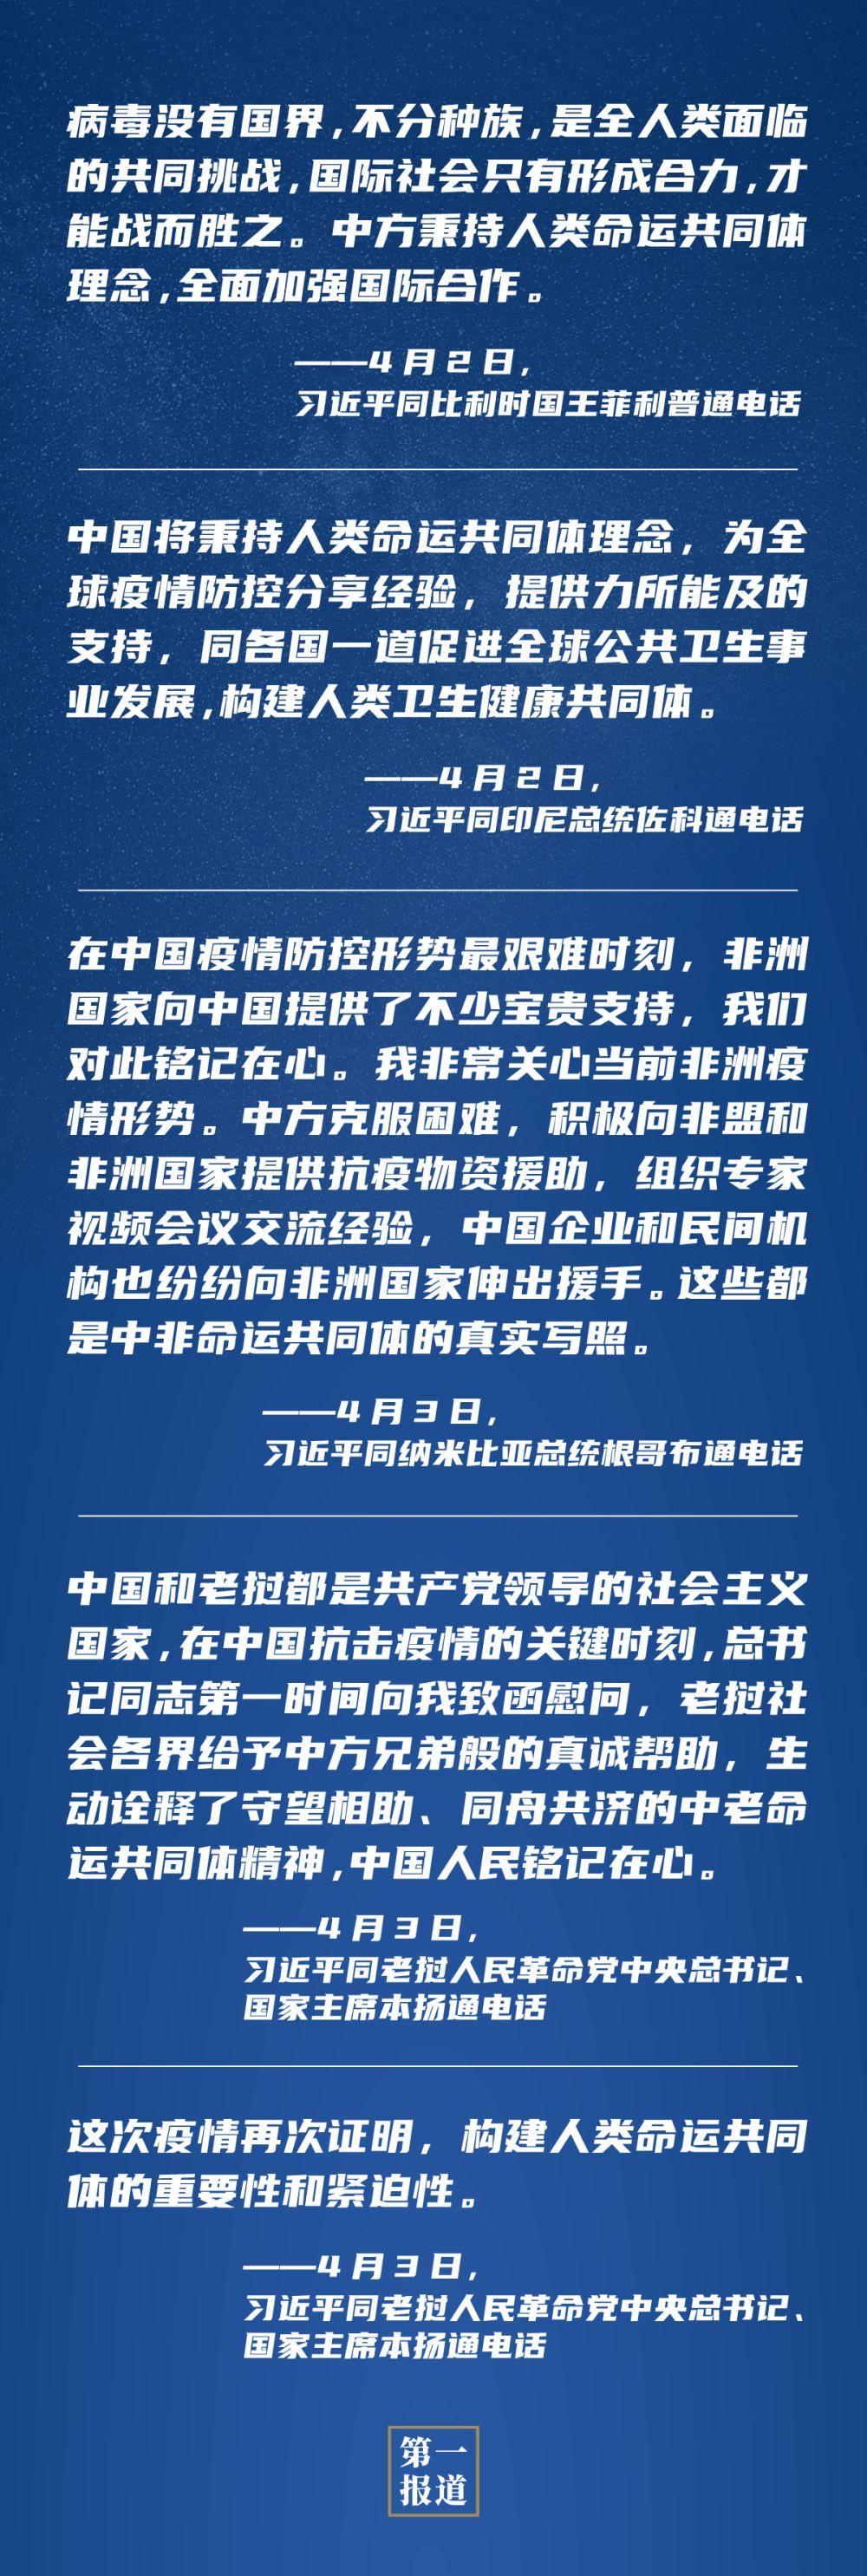 """2019全年免费料大全_面对疫情大考,习主席频频谈到""""命..."""